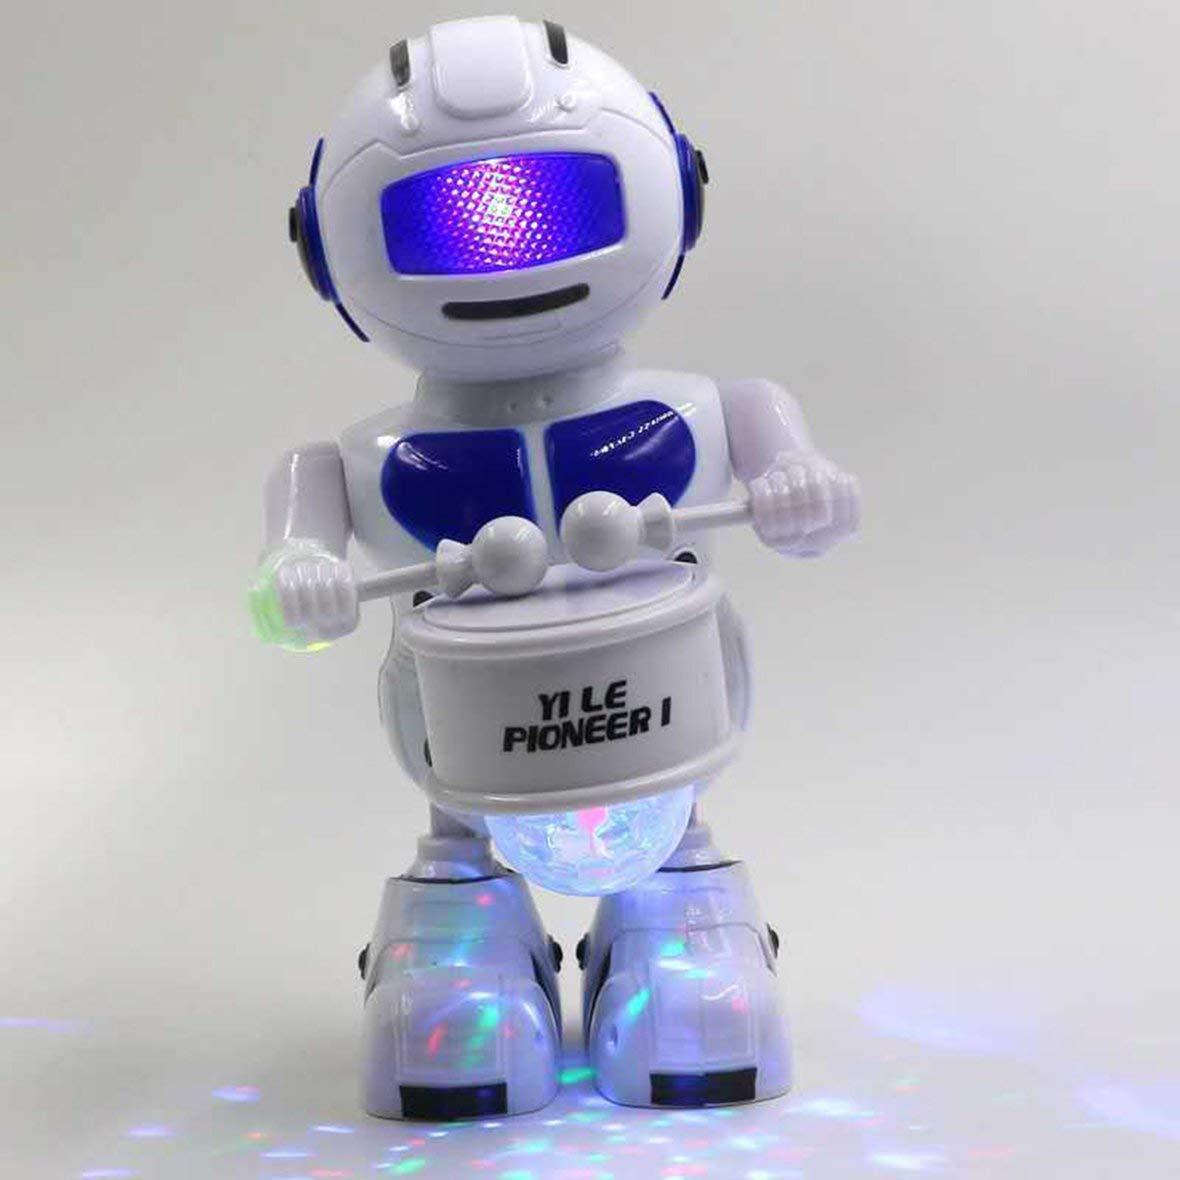 Heaviesk Robot elé ctrico Tamañ o portá til 360 Grados Totary Music Light Niñ os Robot elé ctrico Iluminació n Mú sica Robot de Tambor elé ctrico